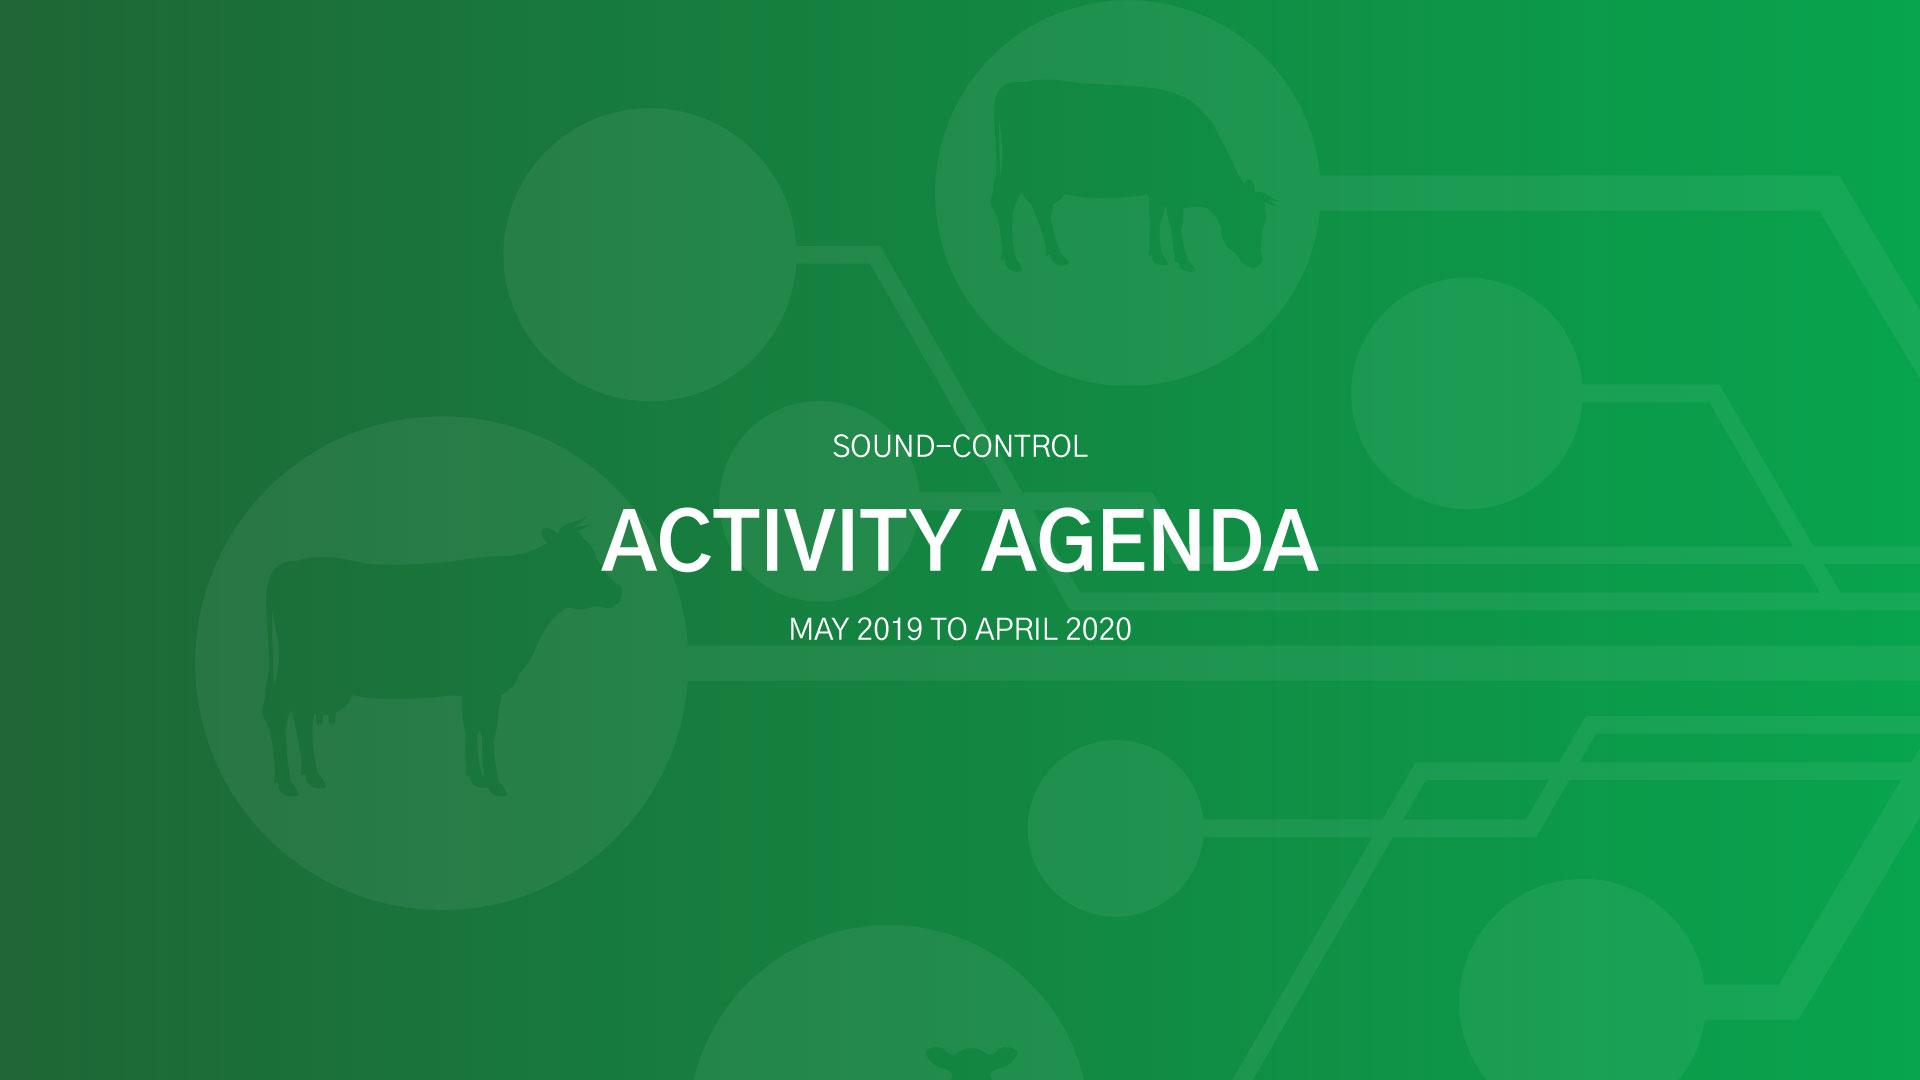 Activity Agenda 2